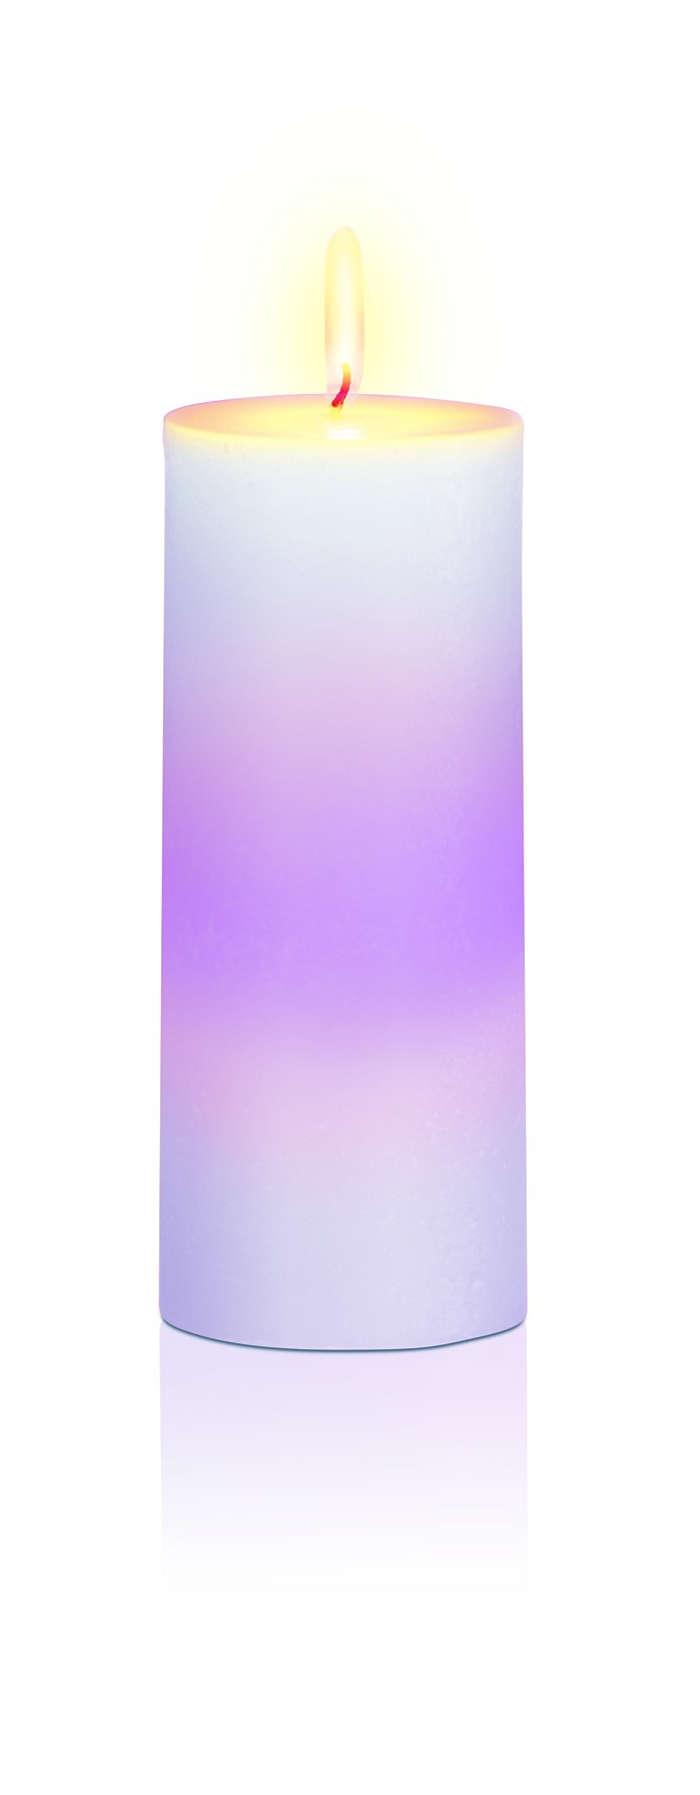 Wyjątkowy nastrój świec